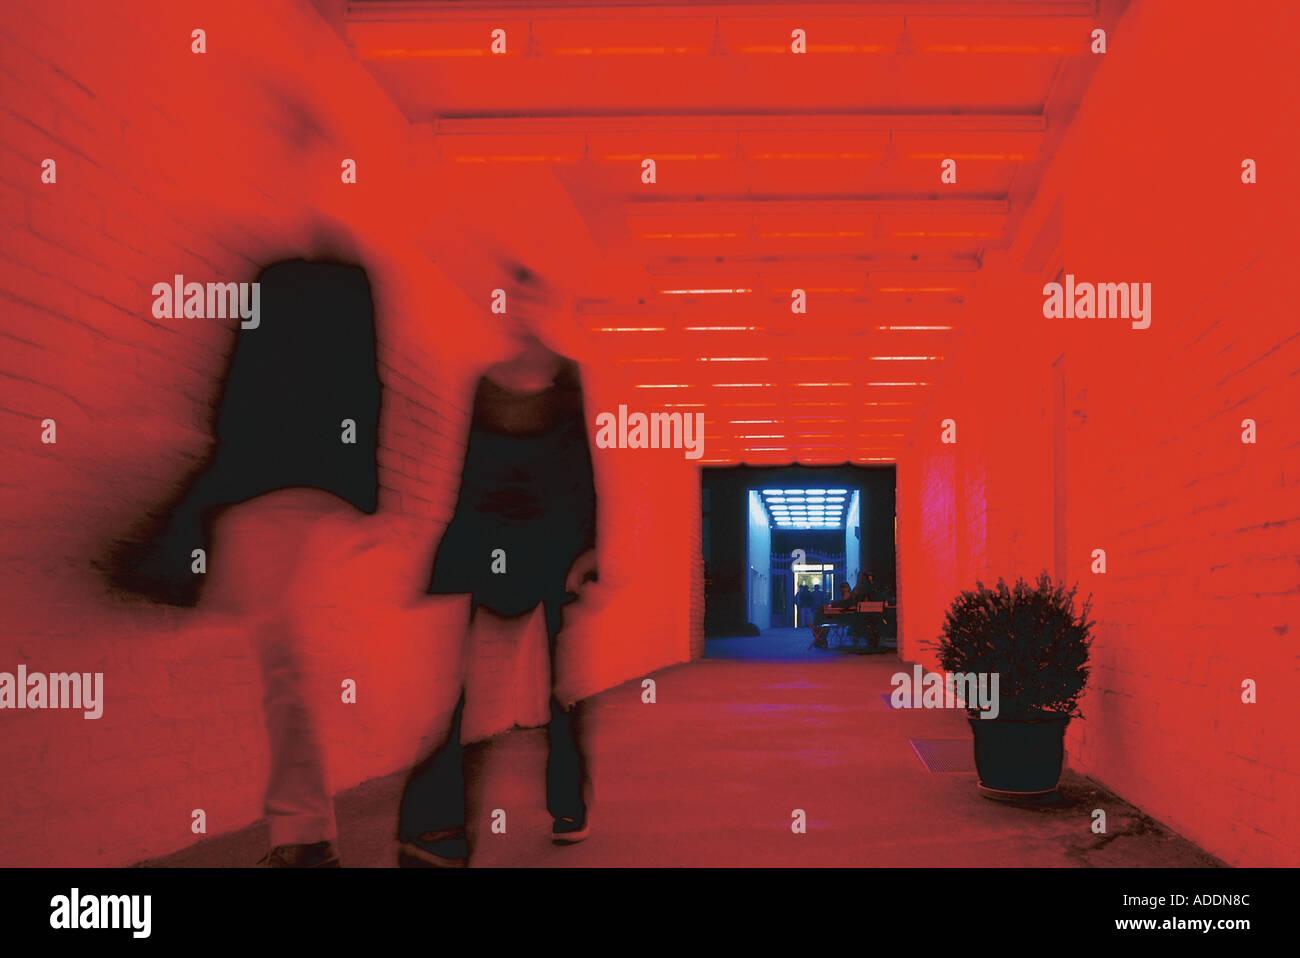 Neon-Installation, in den Sophie-Gips-Hoefen Berlin, Deutschland - Stock Image